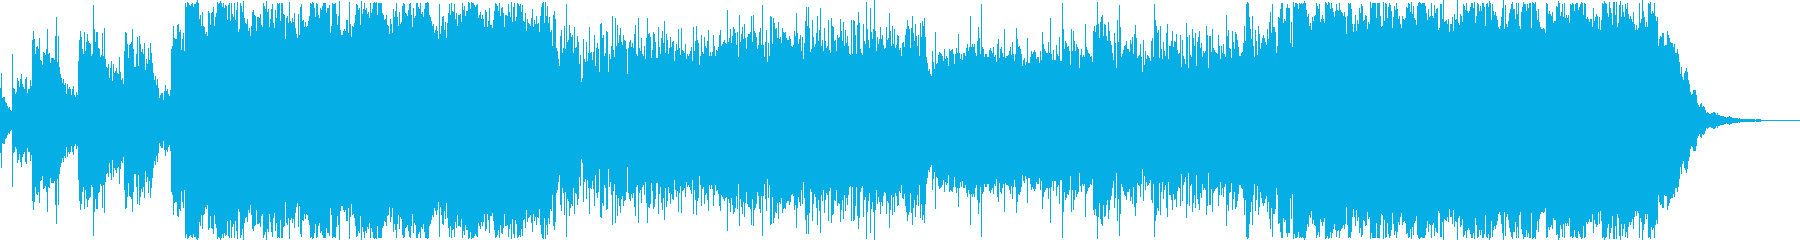 高揚感ある重めのエレクトロニカの再生済みの波形